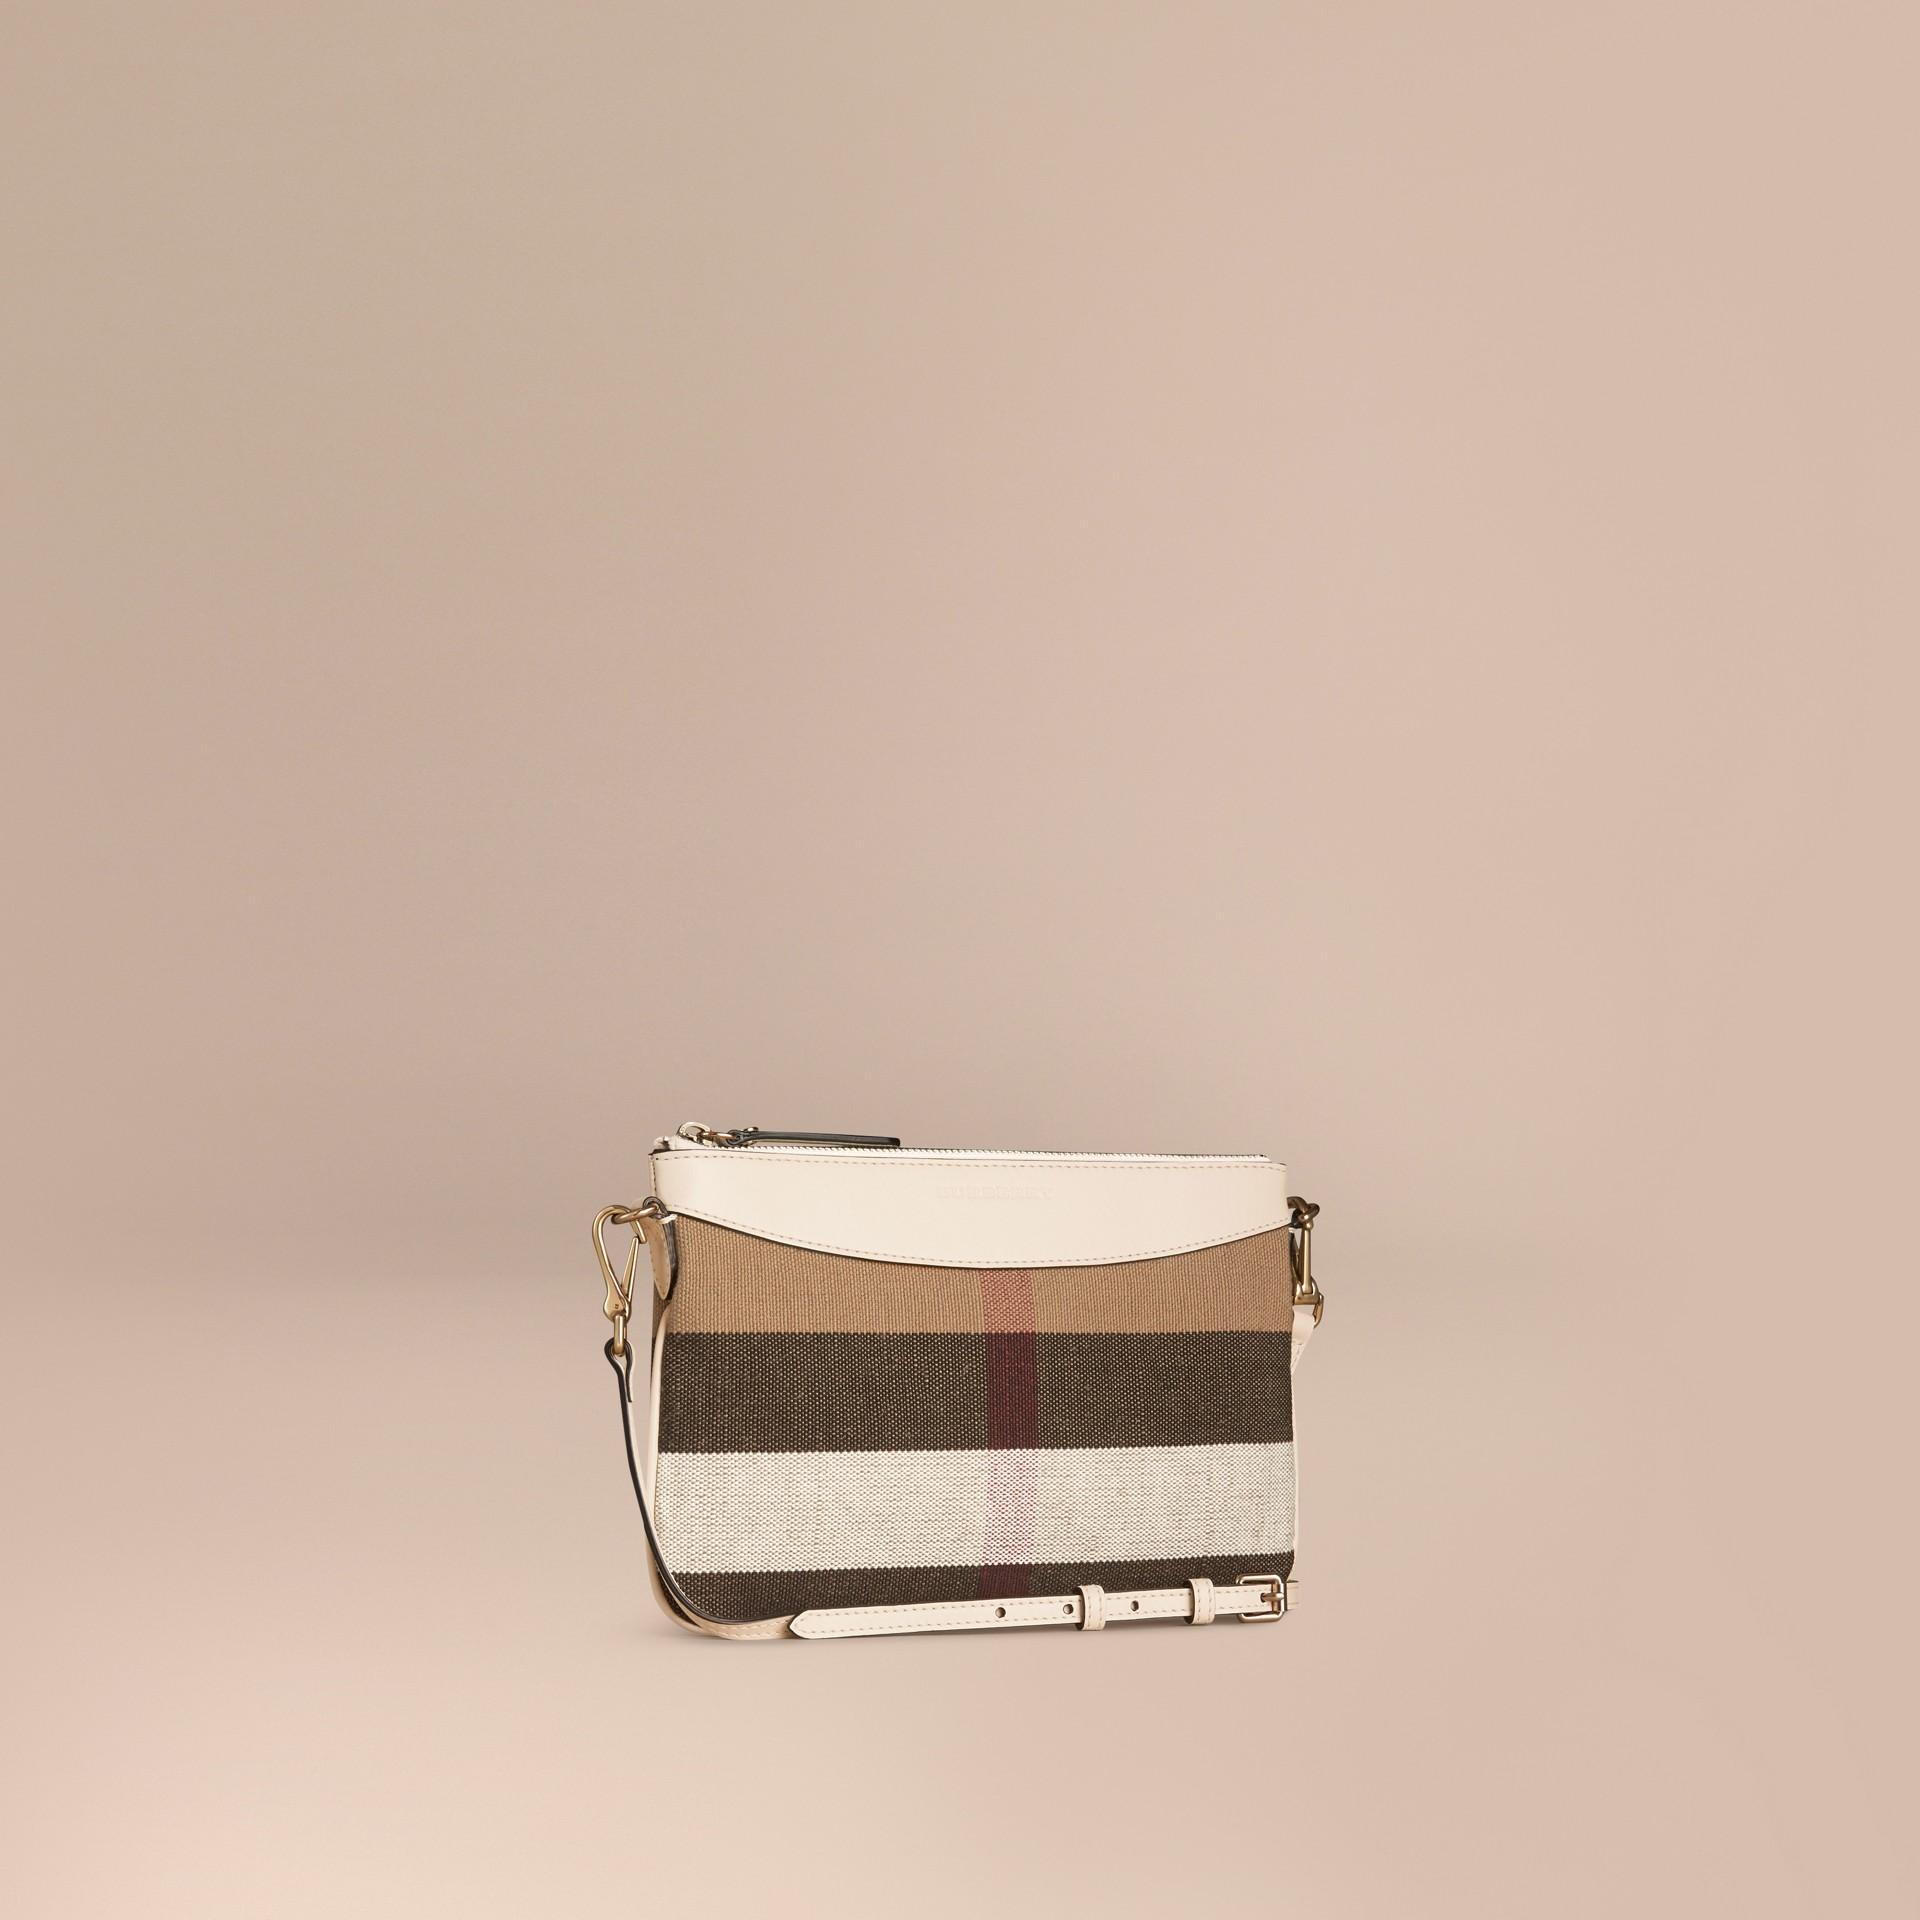 Branco Bolsa clutch de couro com padrão Canvas check - galeria de imagens 1